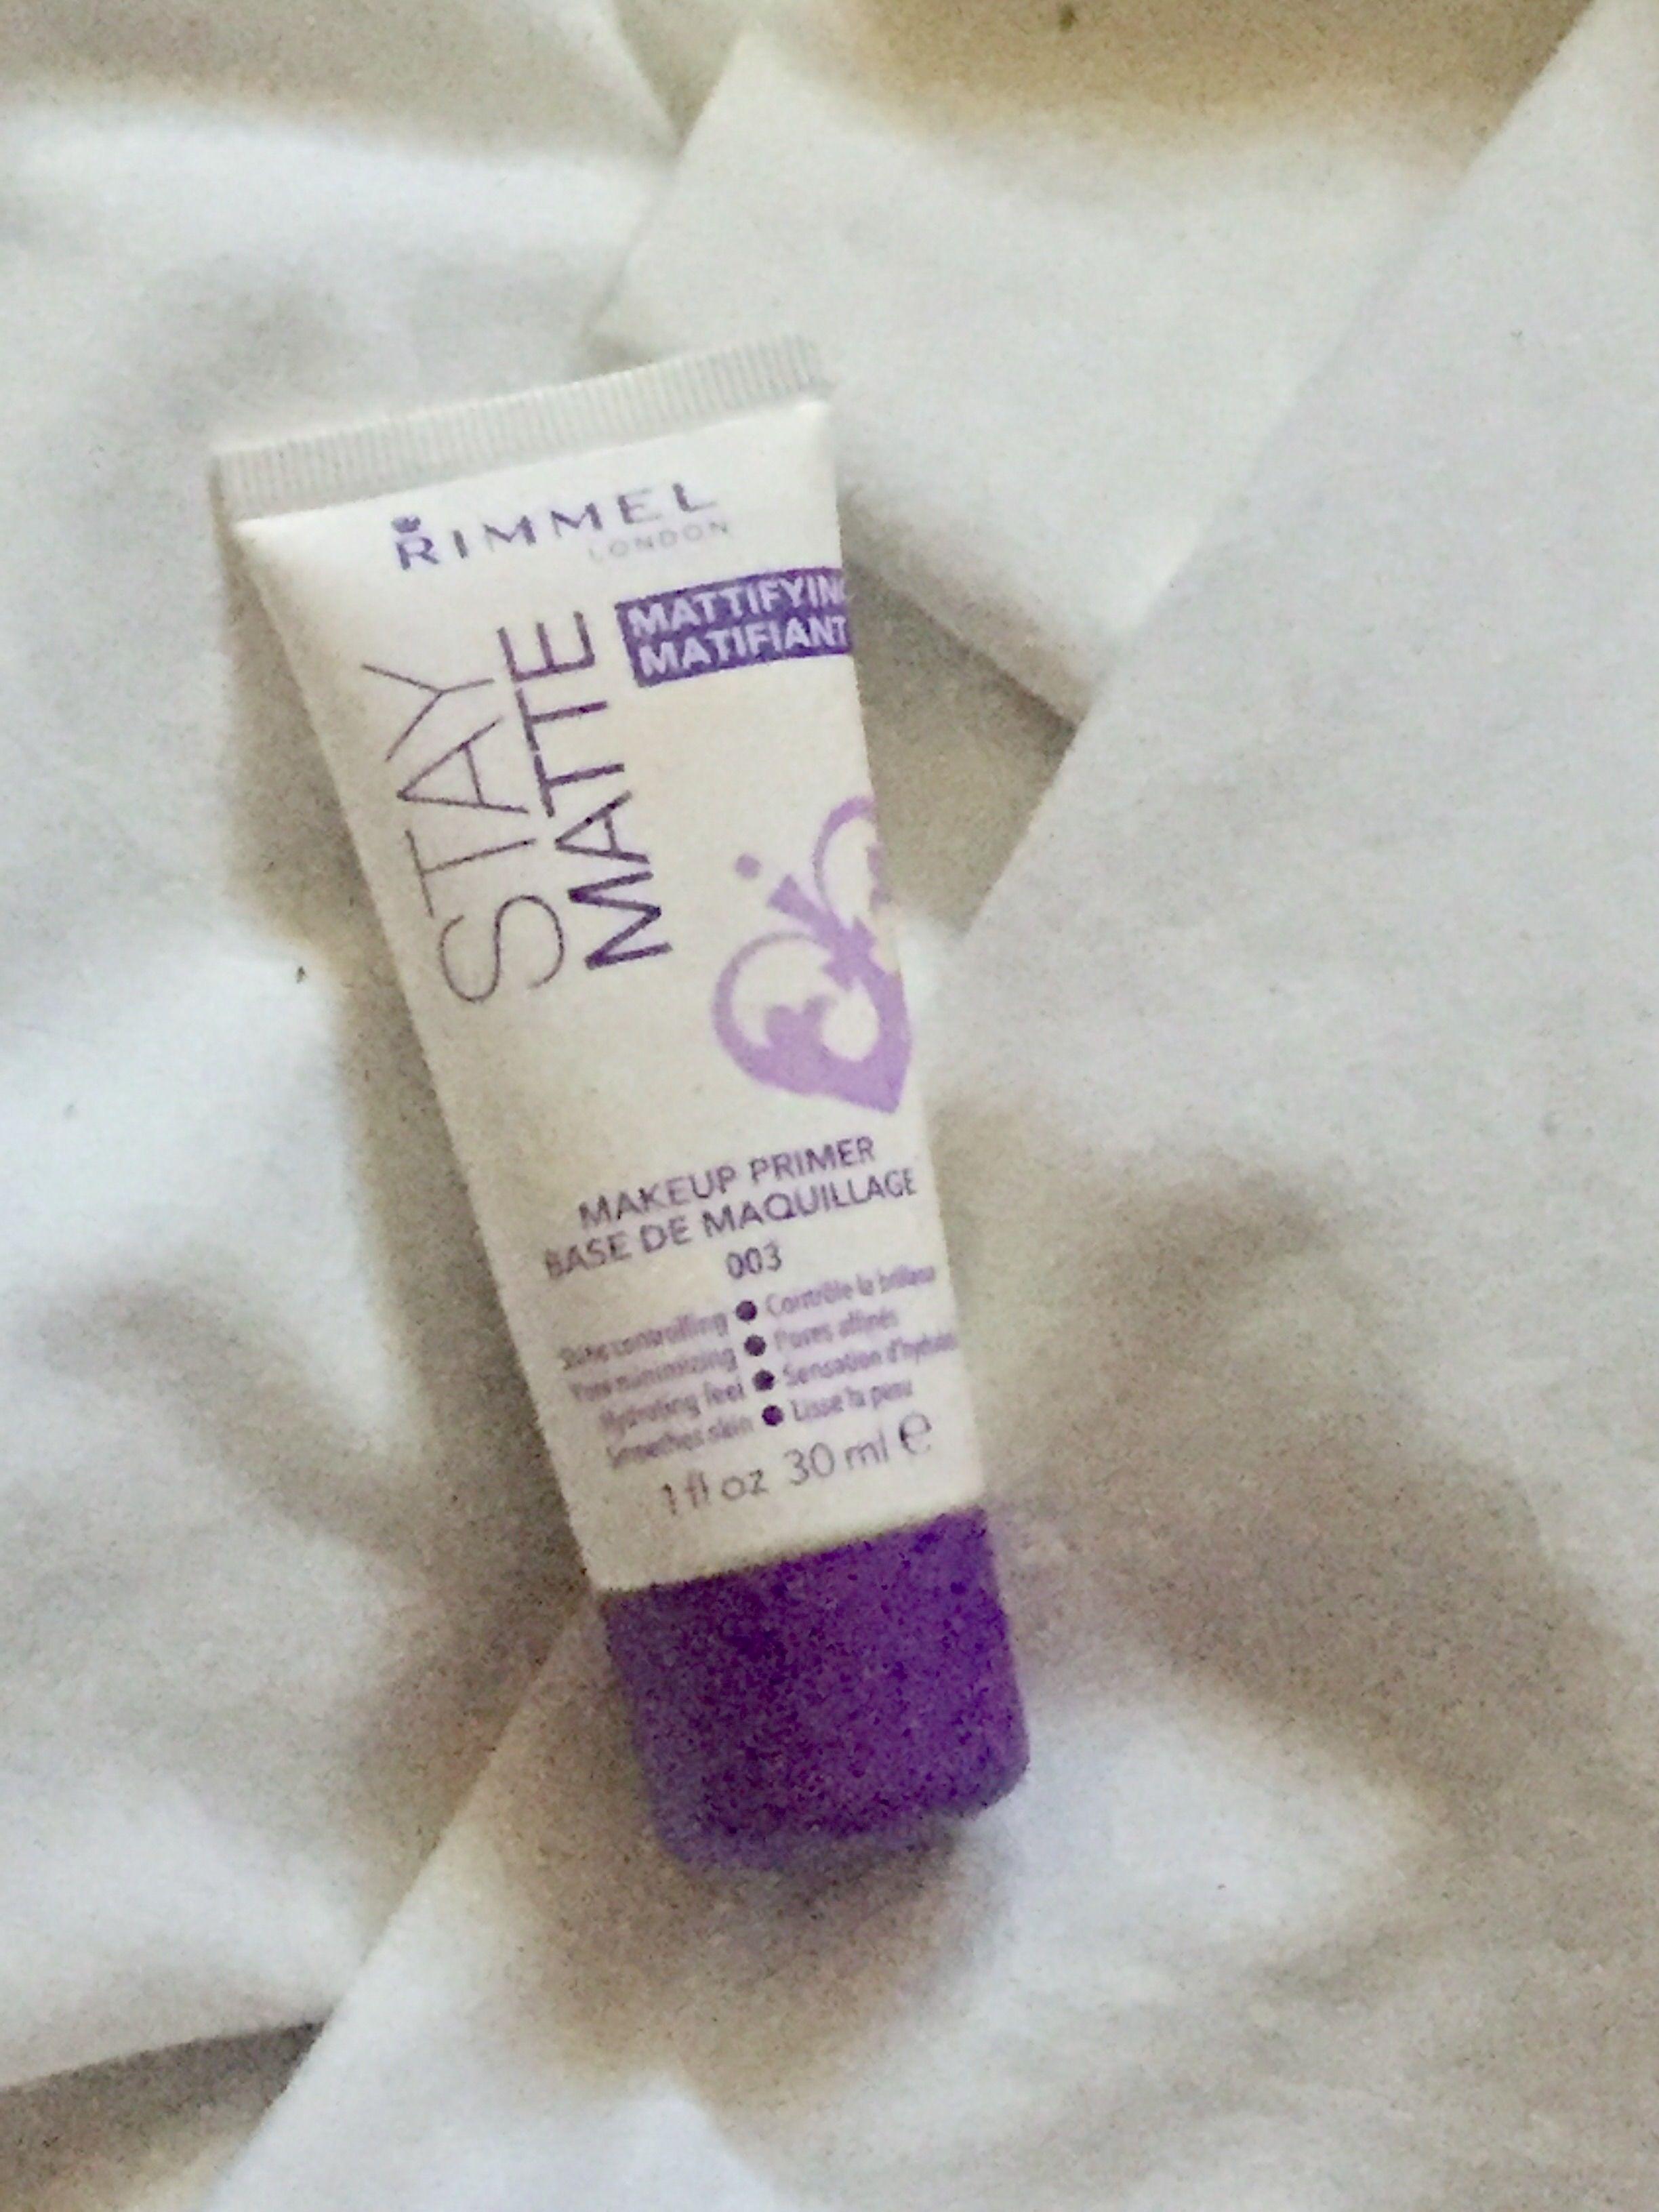 The Best Drugstore Primer For Oily Skin Primer for oily